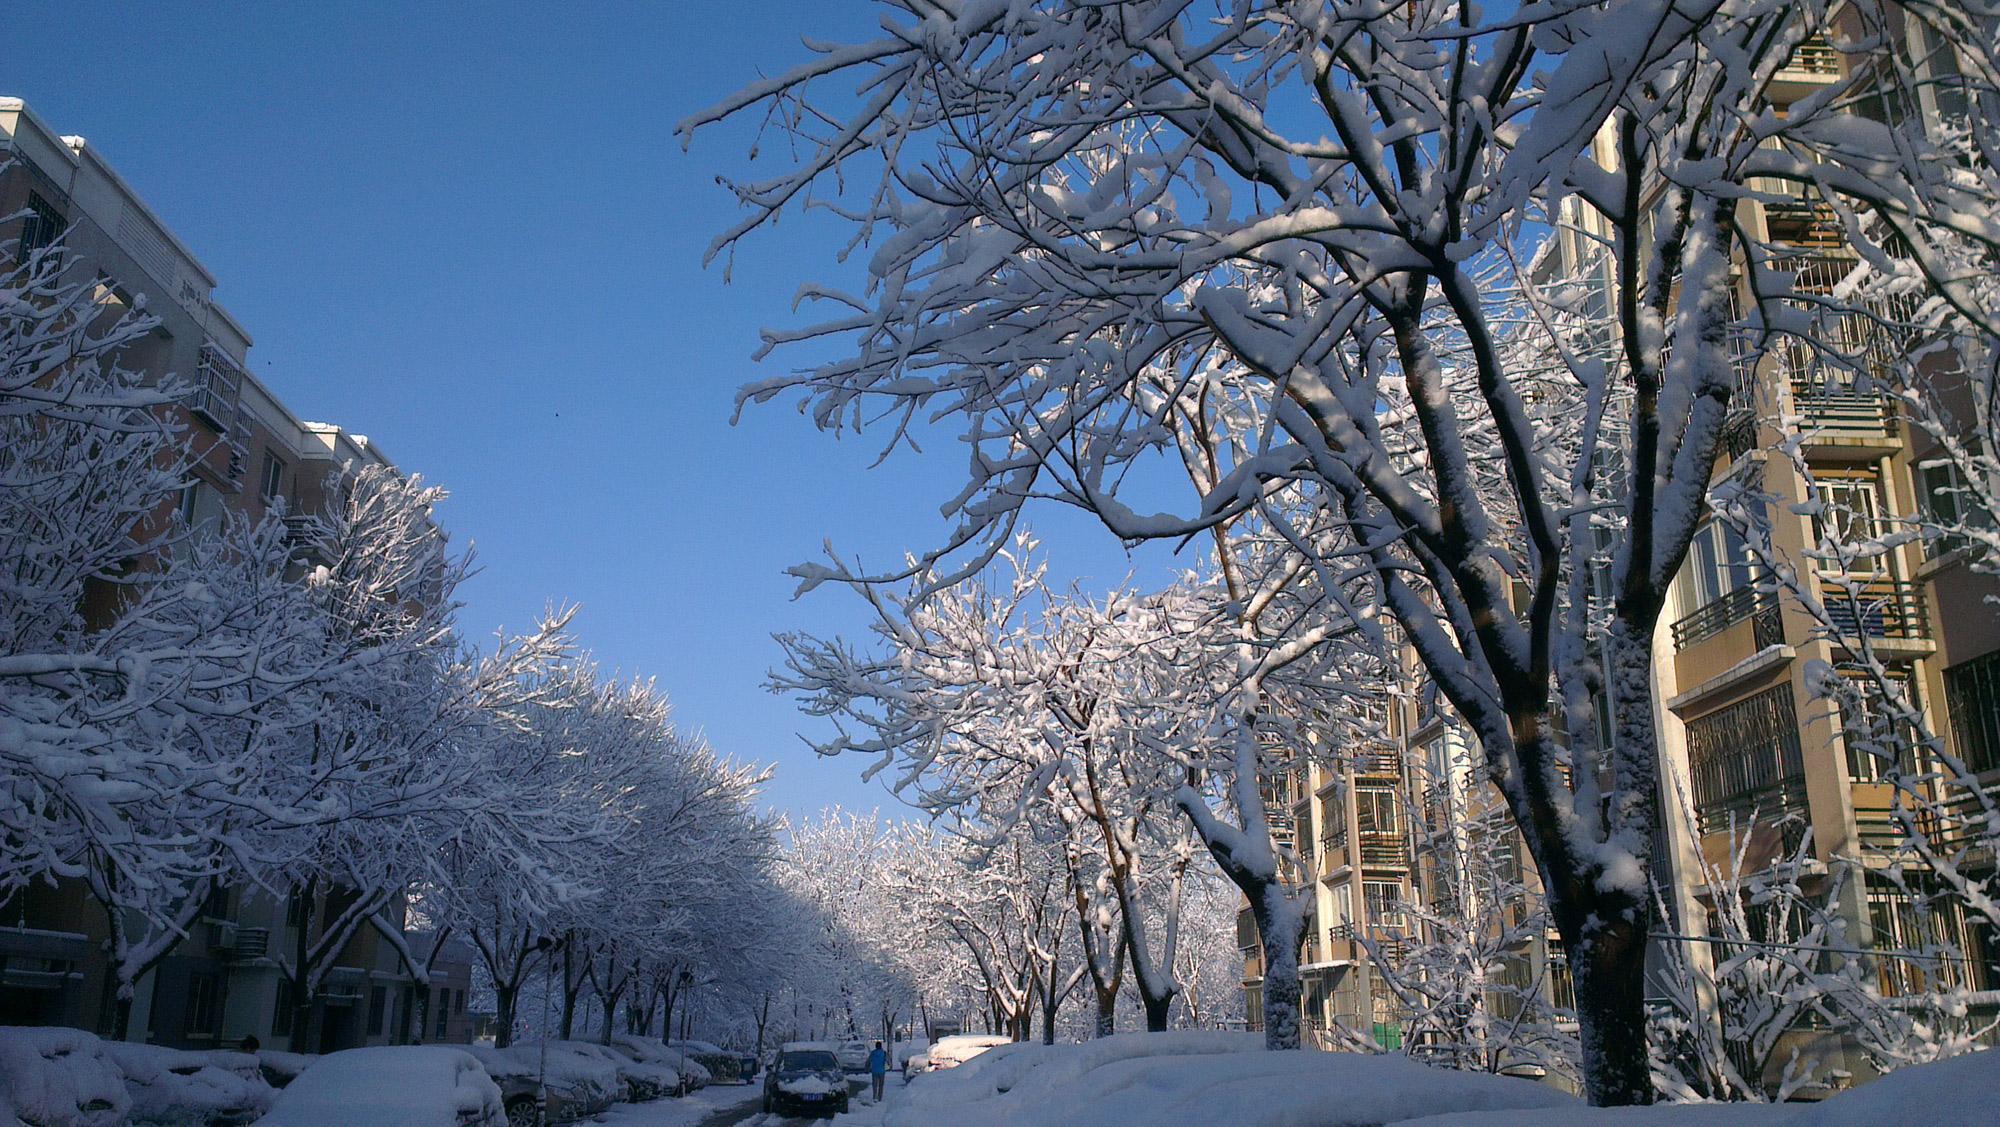 秀几张昨天早晨小区里的雪景